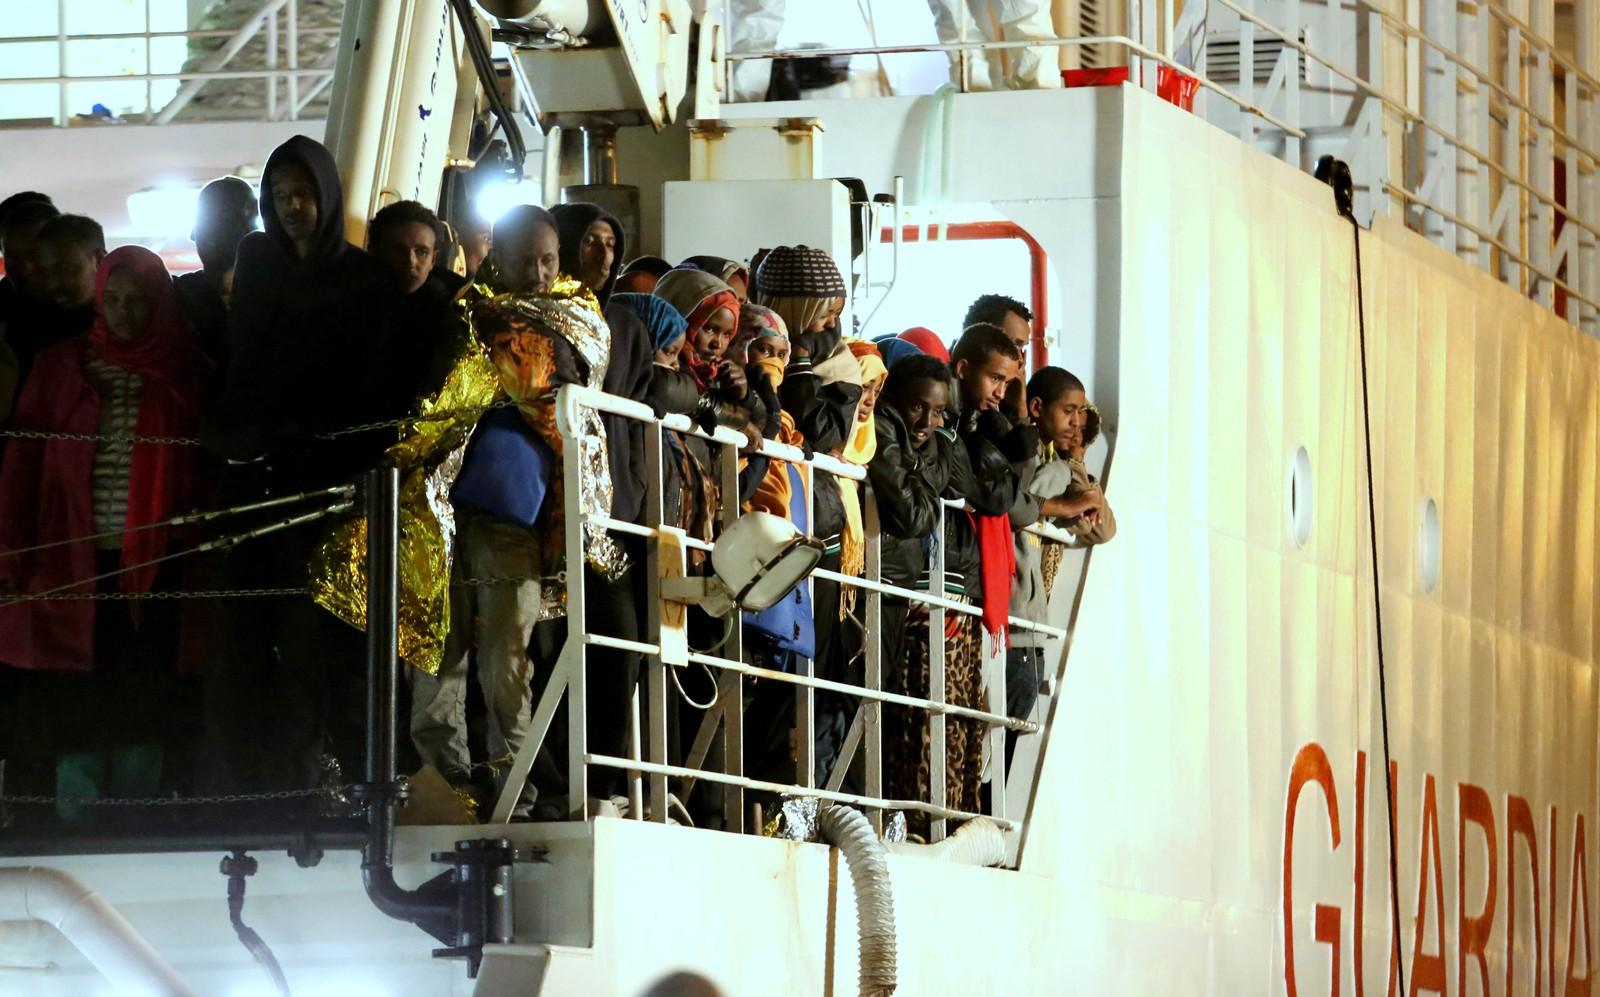 Båtflyktninger i Palermo, Italia 14. april 2015.